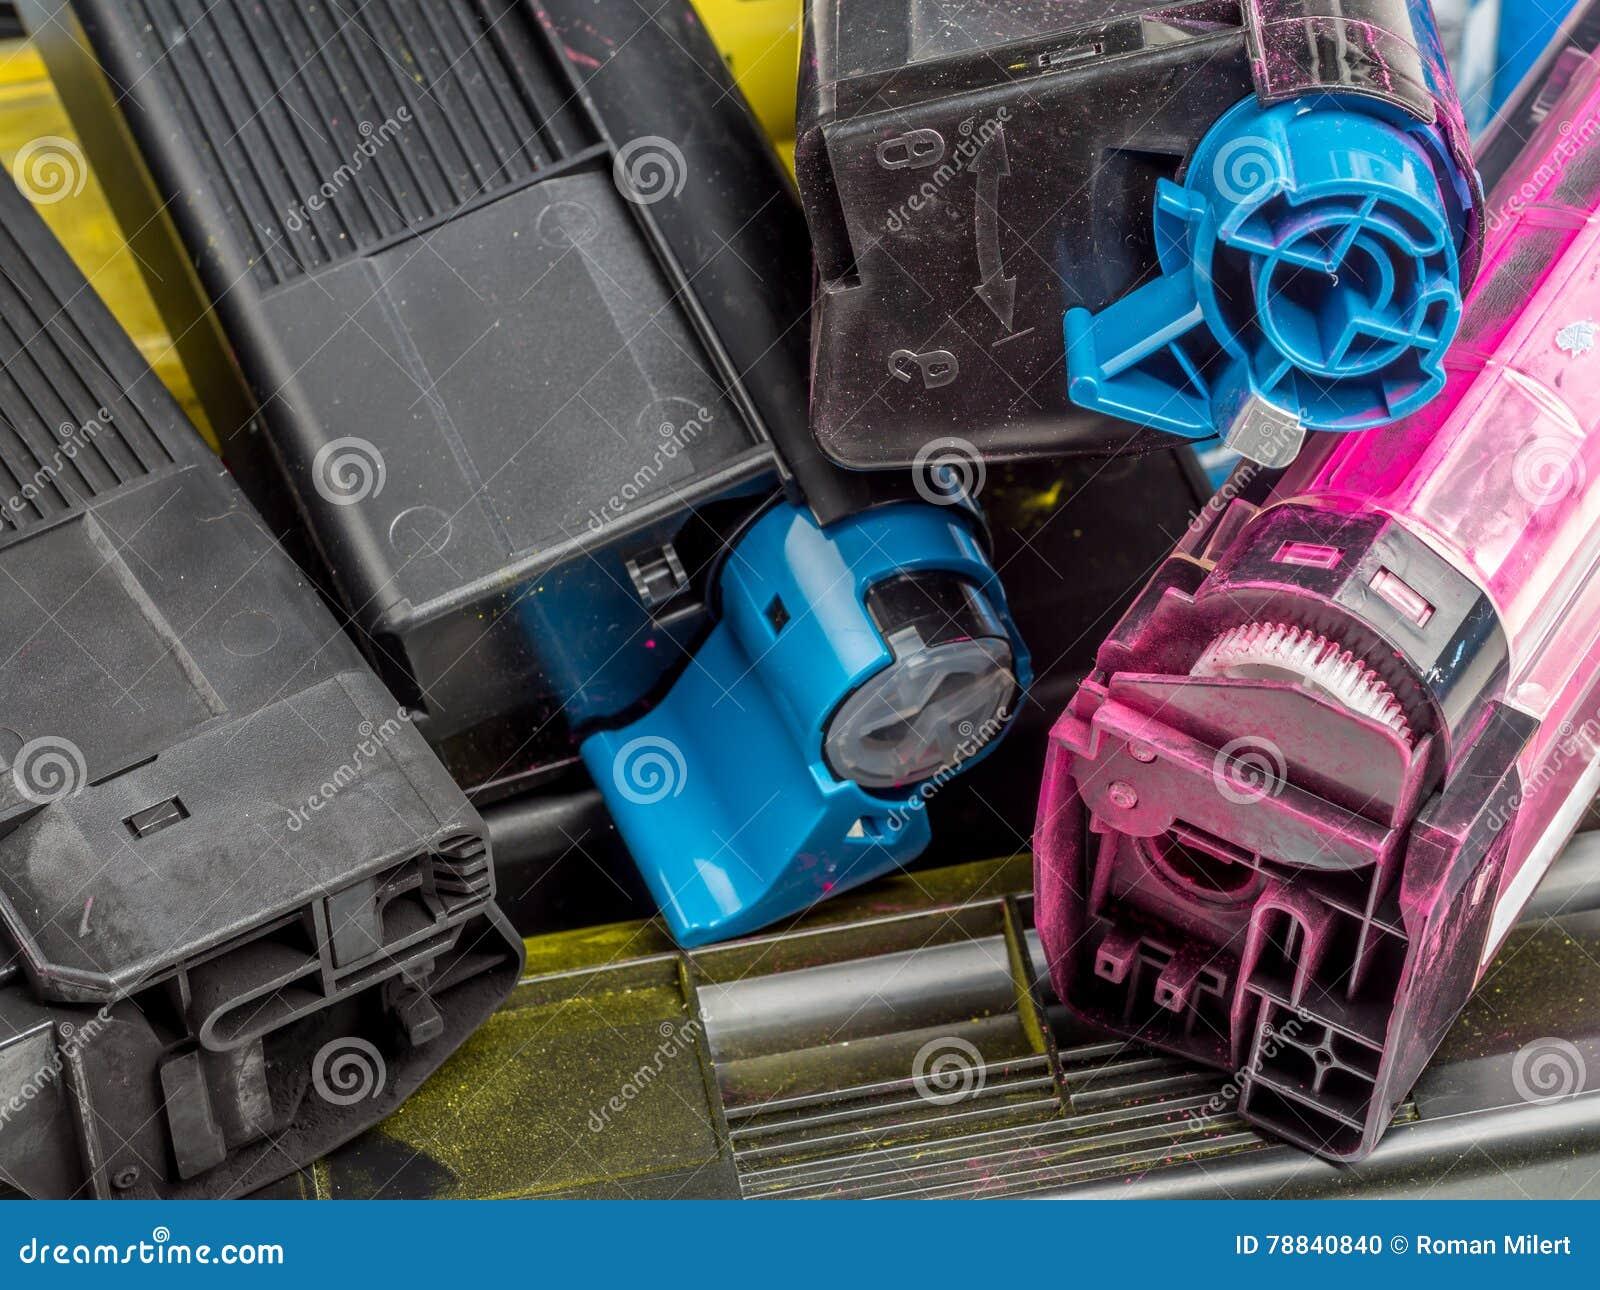 Color laser printer toner cartridges